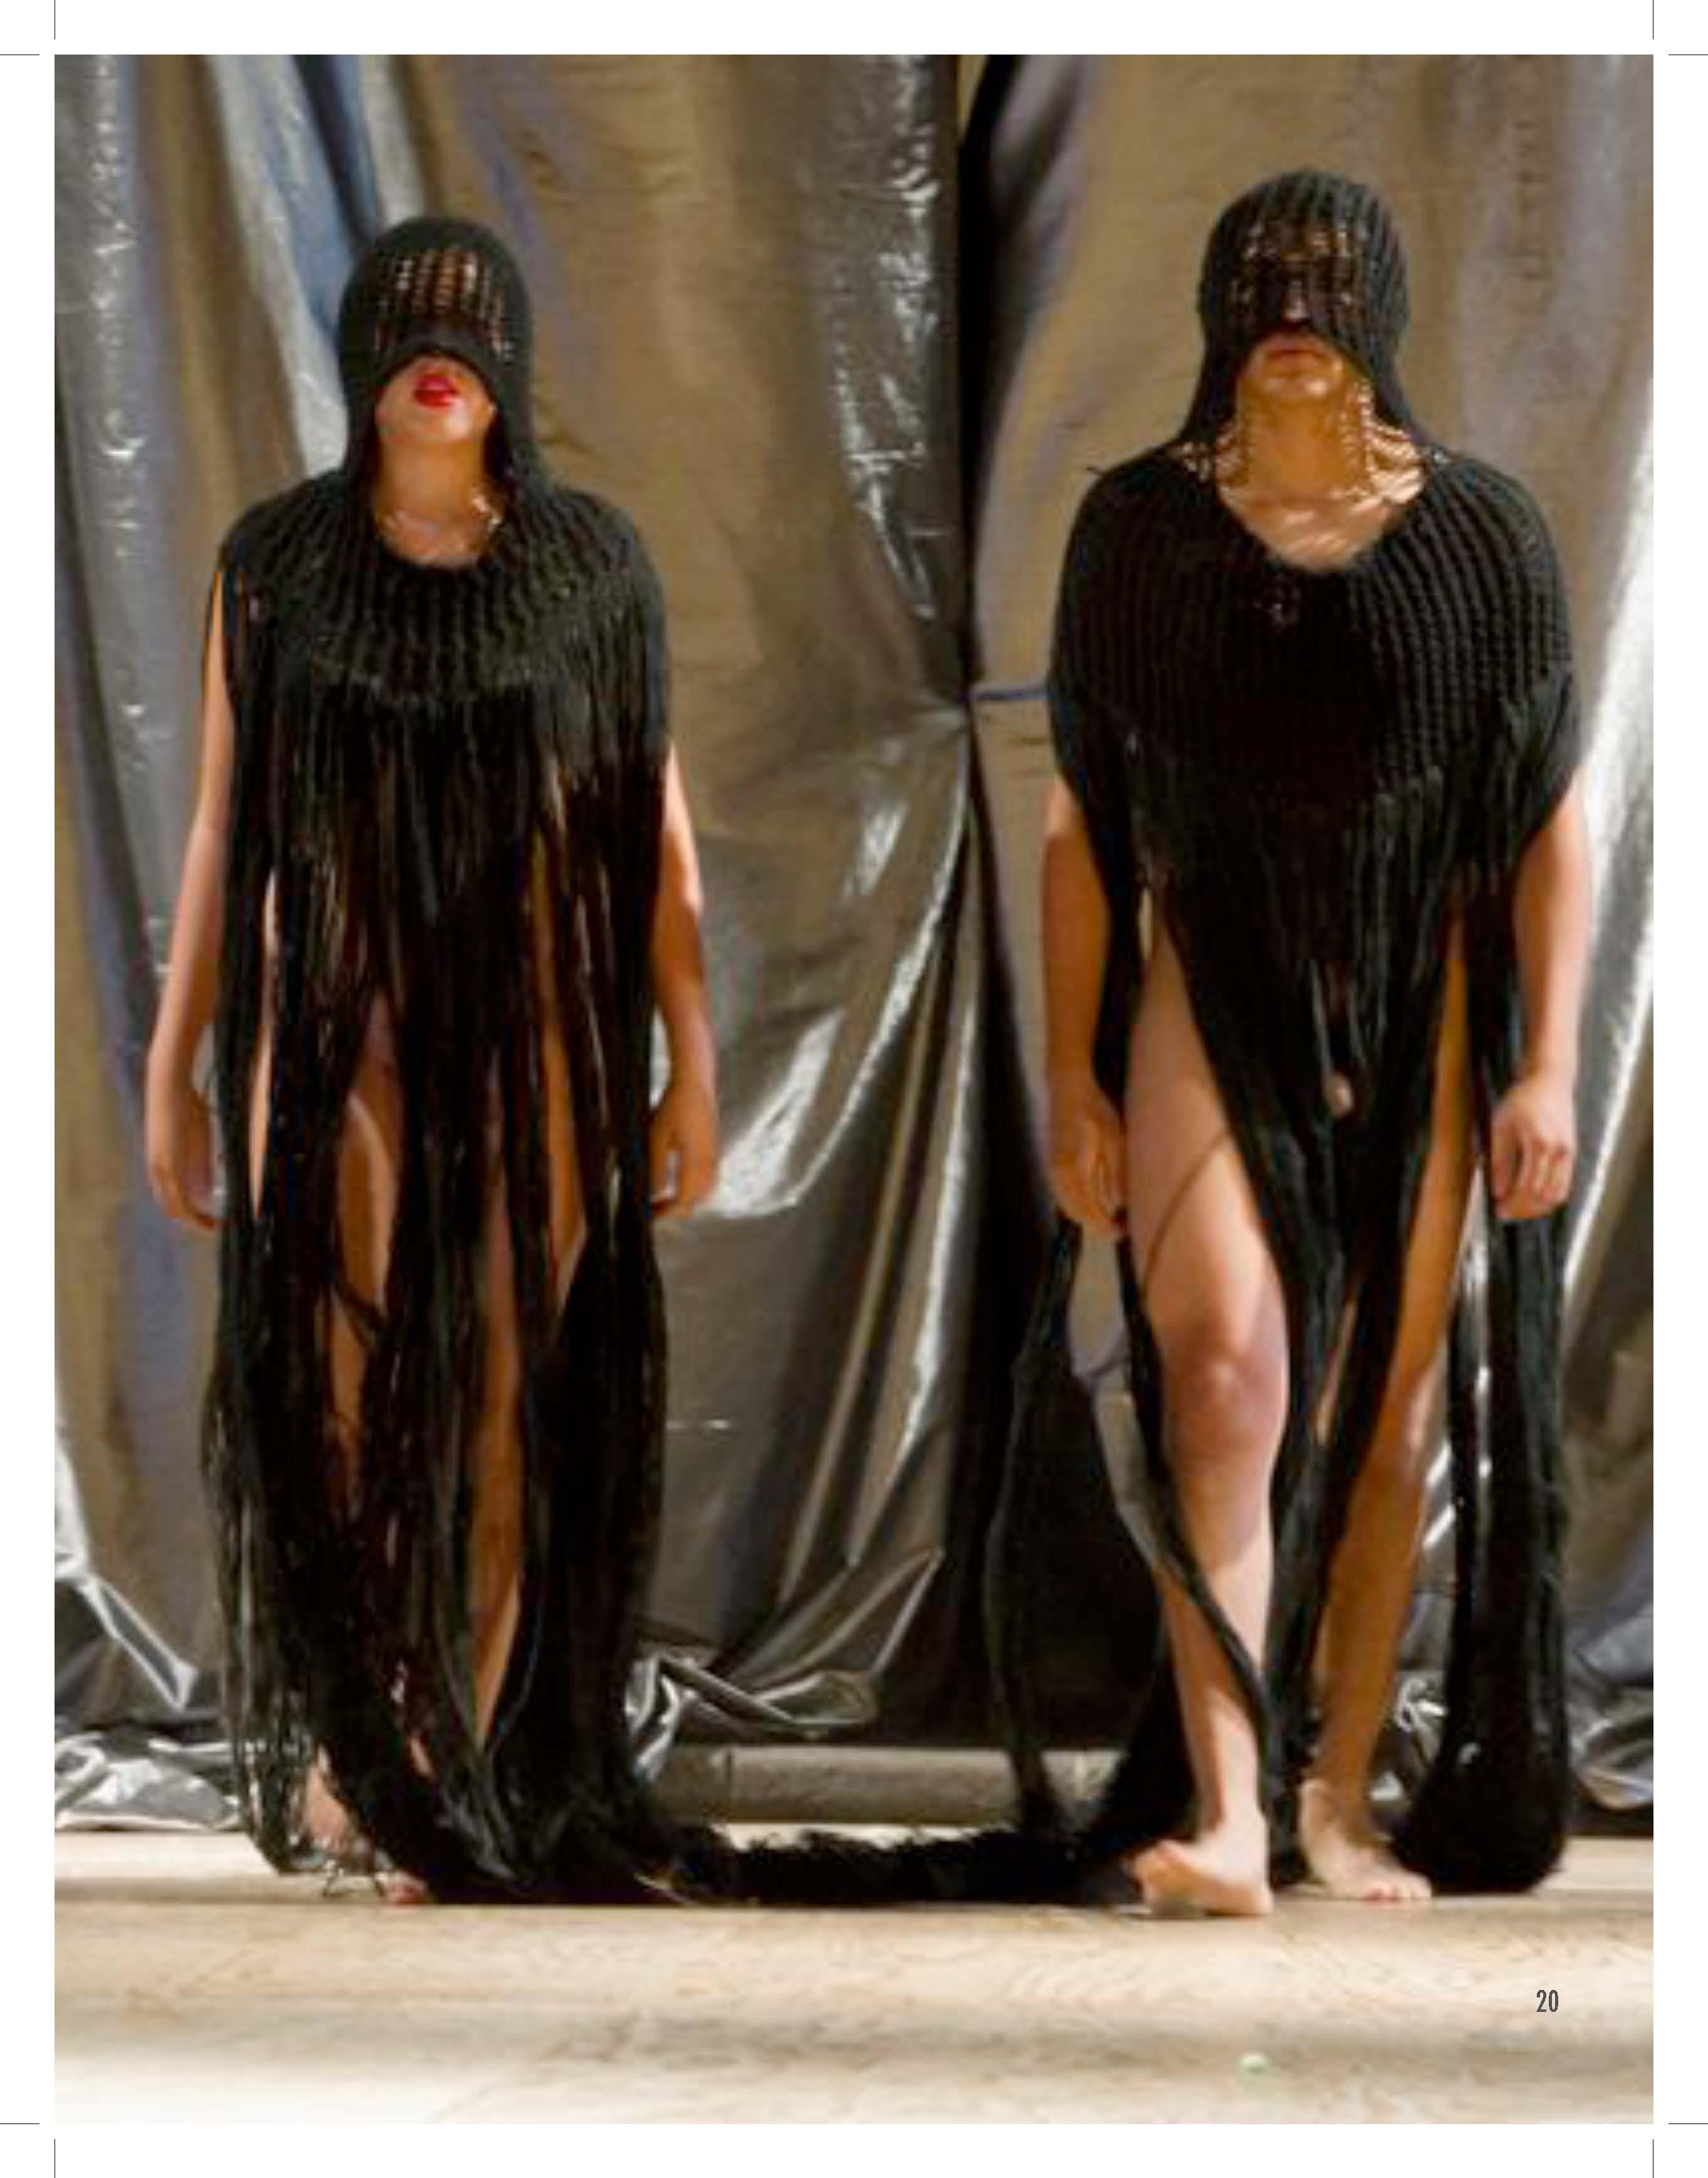 2010 PDF catalogo vestuarios escultoricos_Página_21.jpg